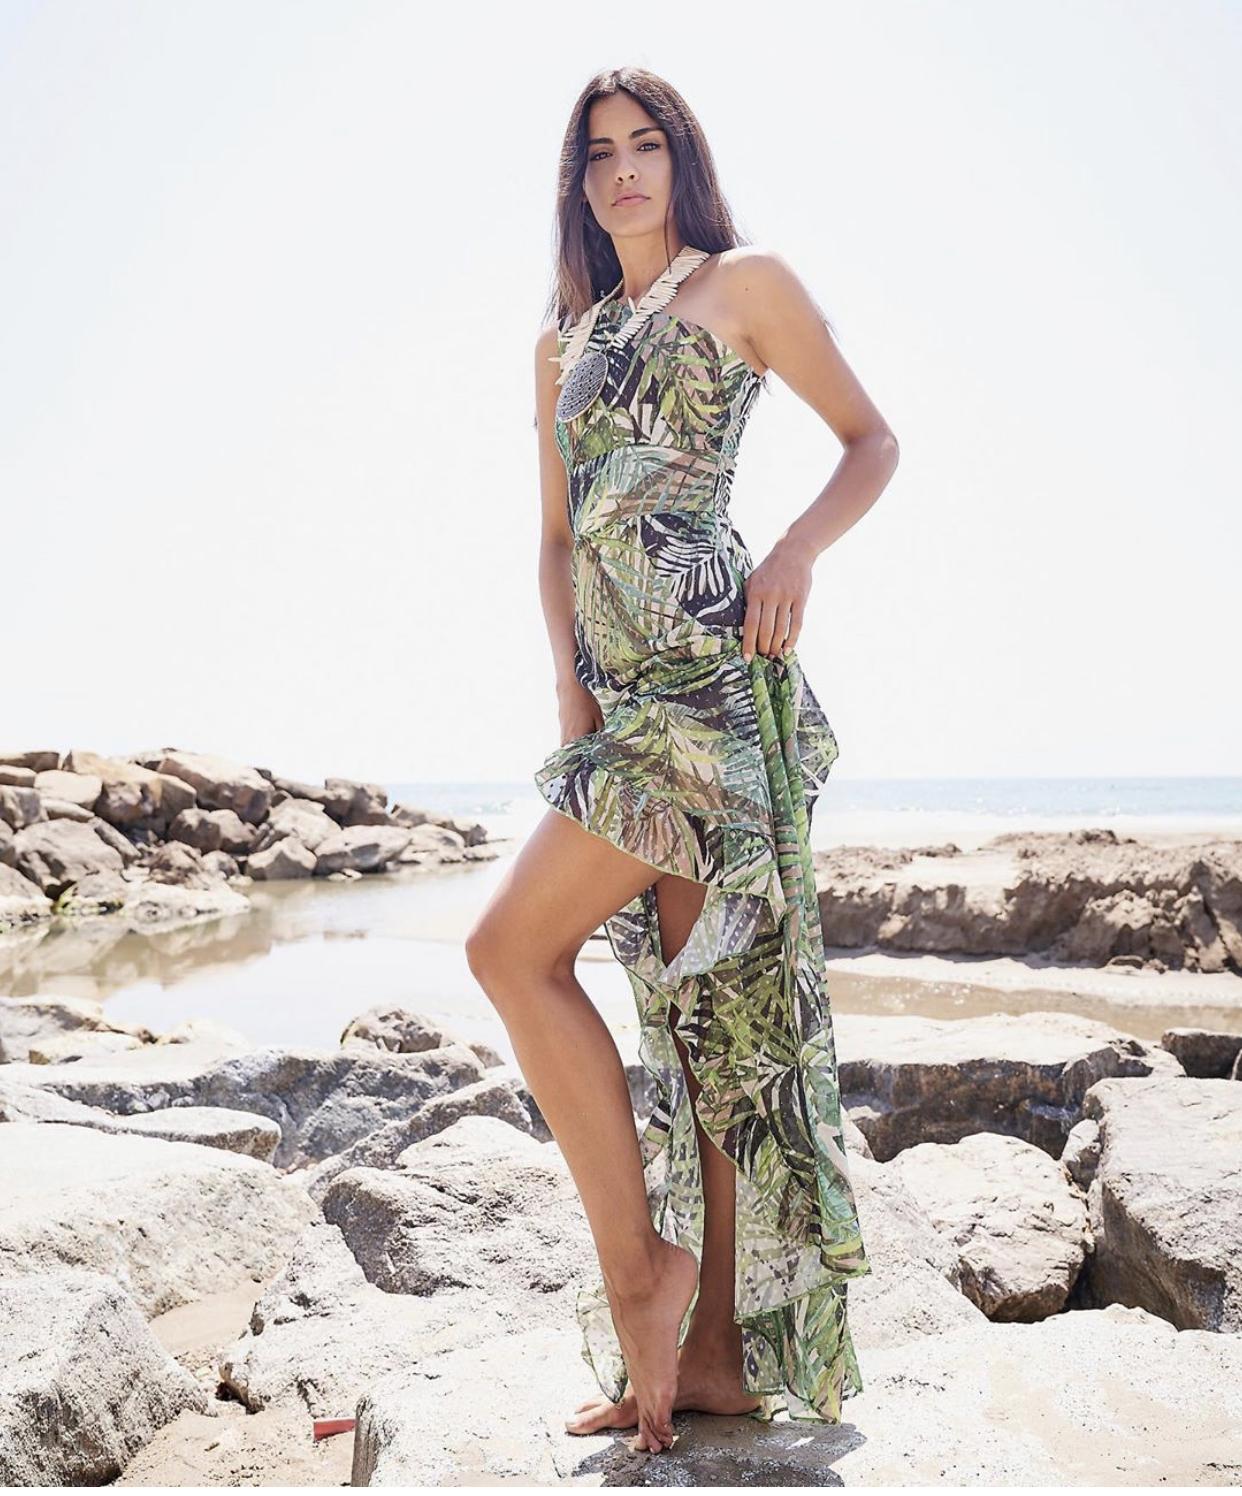 Anna Aznar được biết đến là Á hậu 1 Hoa hậu thế giới Tây Ban Nha 2018. Cô tốt nghiệp ngành Thực phẩm và Dinh Dưỡng. Cuộc sống của người đẹp này xoay quanh công việc người mẫu và là một chuyên gia dinh dưỡng. Cô cũng luôn trăn trở về việc có thể sáng tác một bài hát riêng và cống hiến cho nền âm nhạc thế giới.